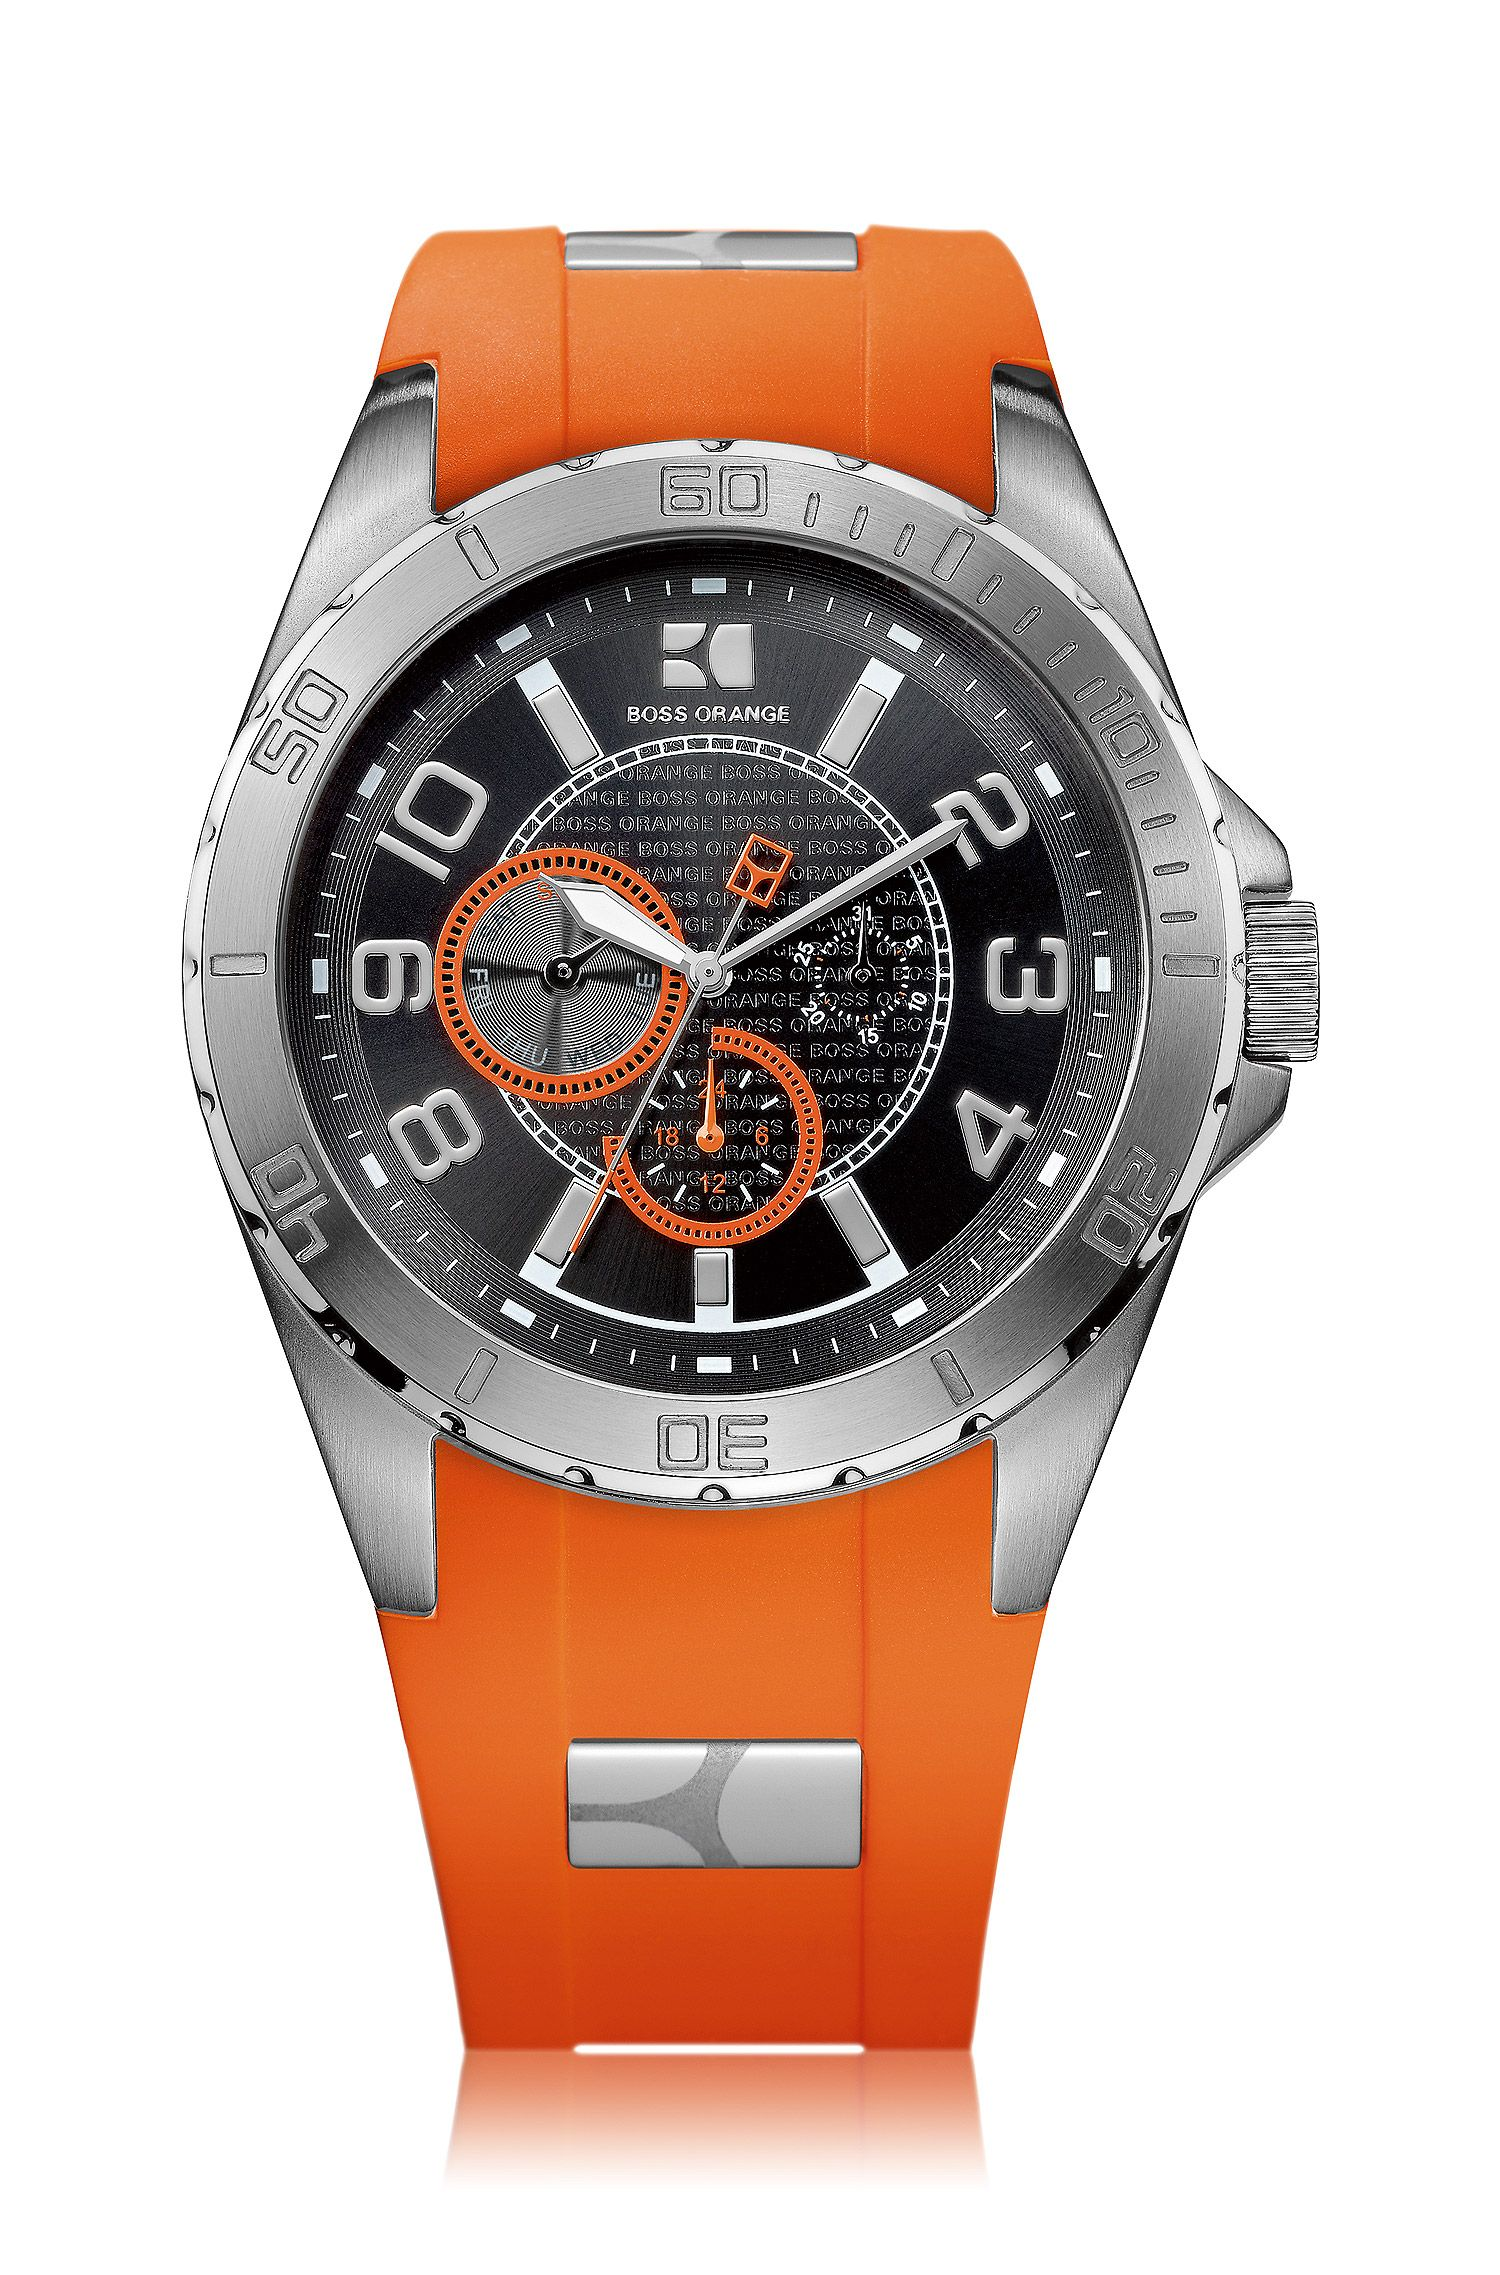 Montre-bracelet«HO2310» avec bracelet en silicone